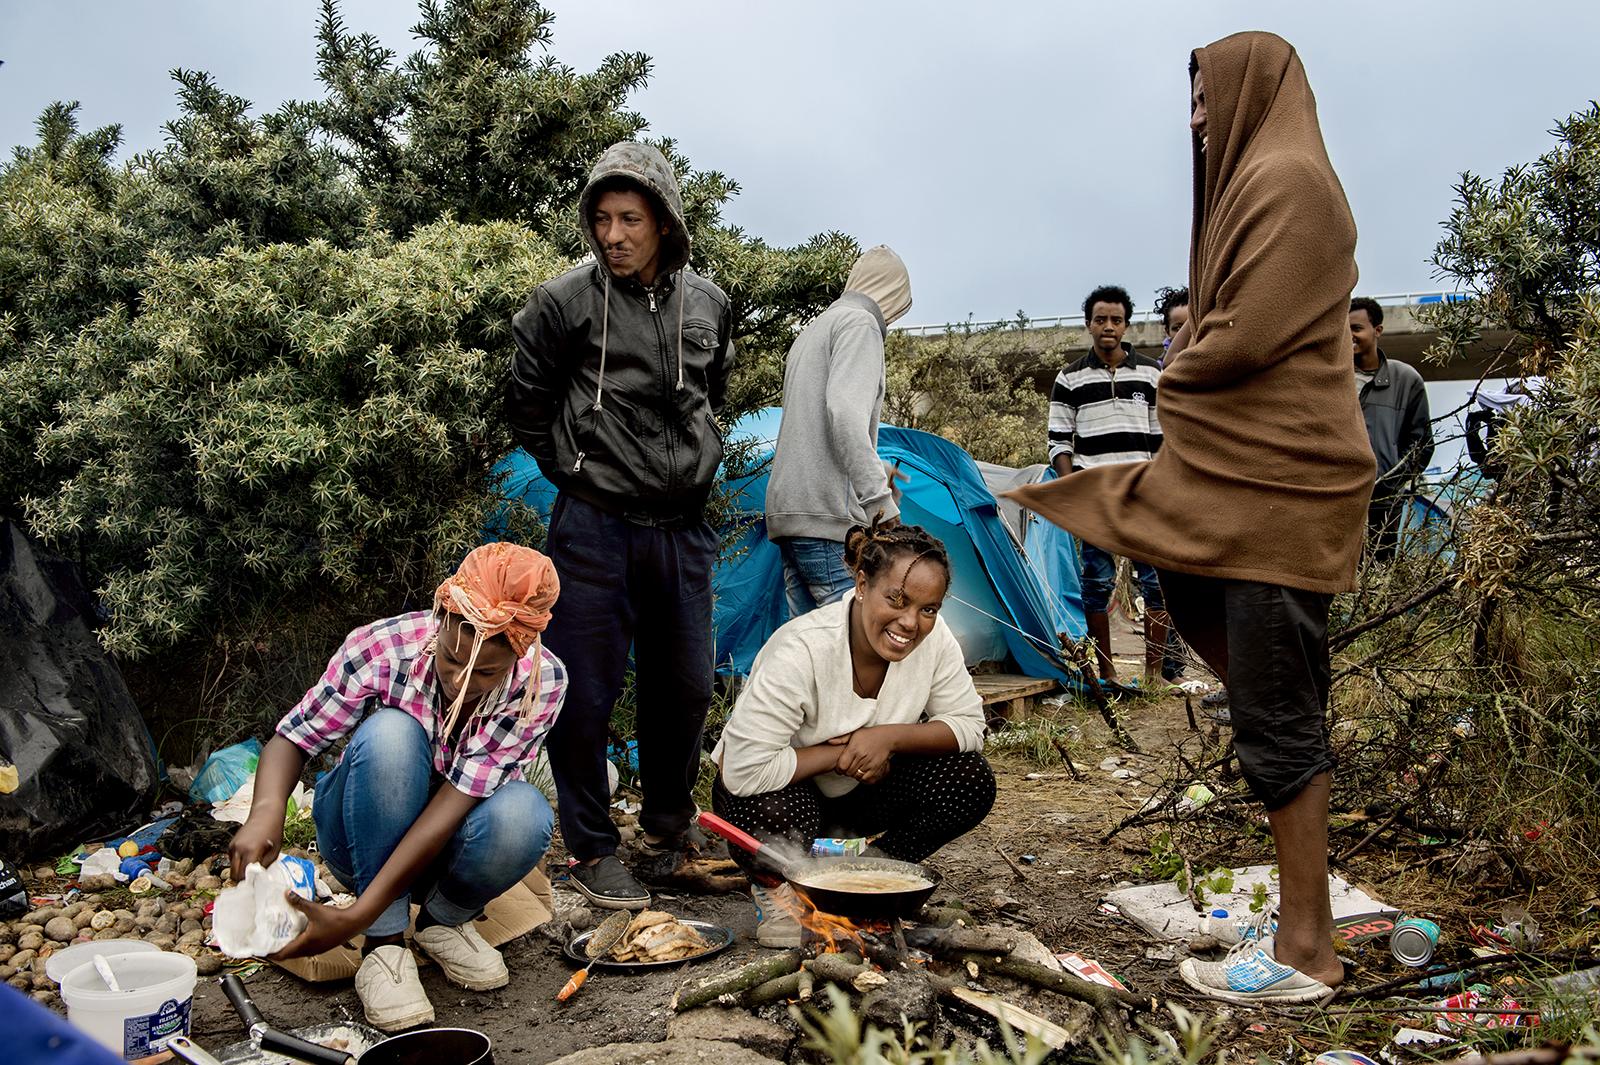 CORREGGIO: AI CONFINI DELL'EUROPA CON TRUZZI E DI MARIA